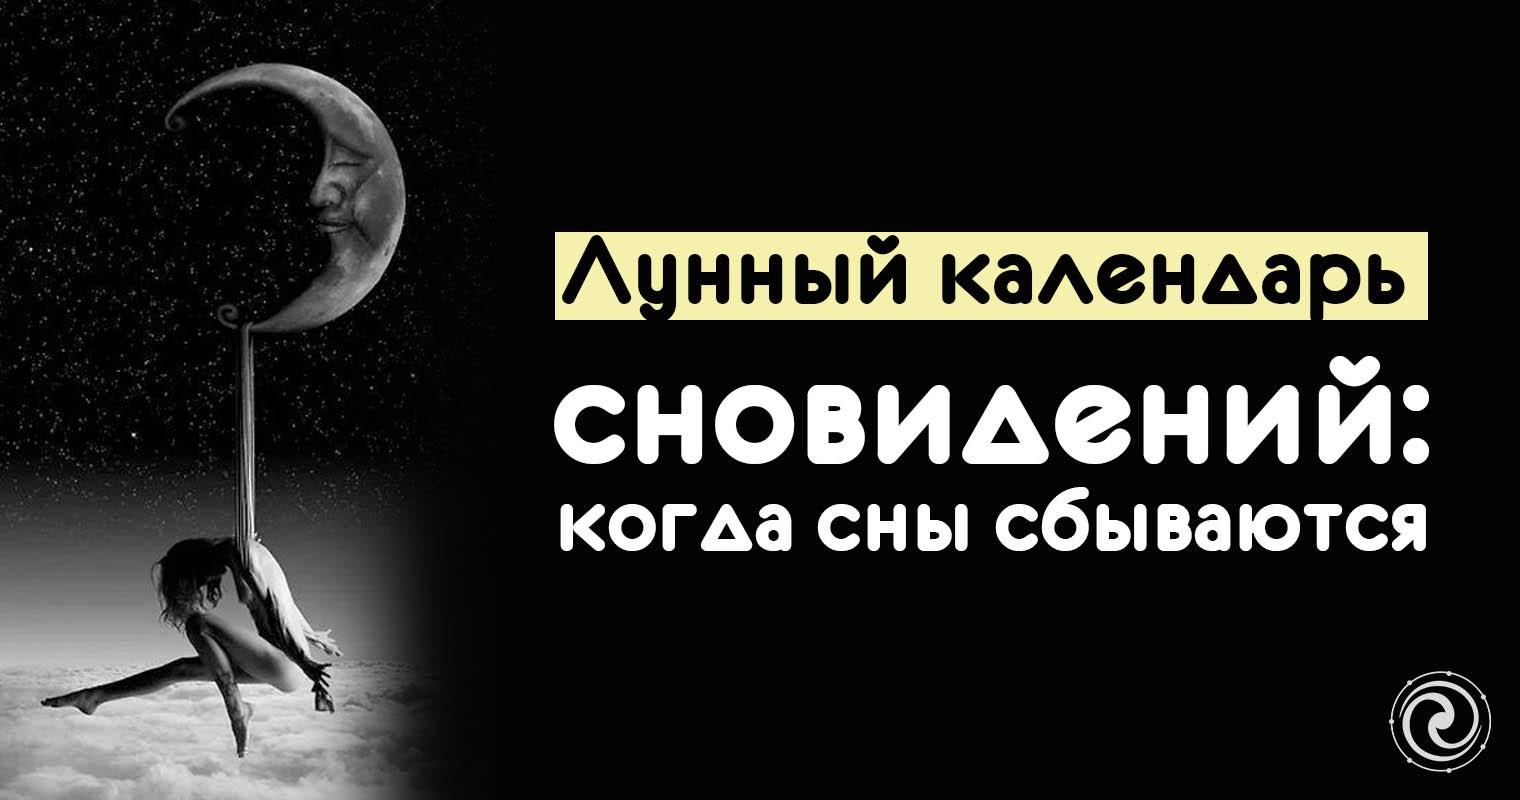 Лунный календарь снов на октябрь 2019 года: